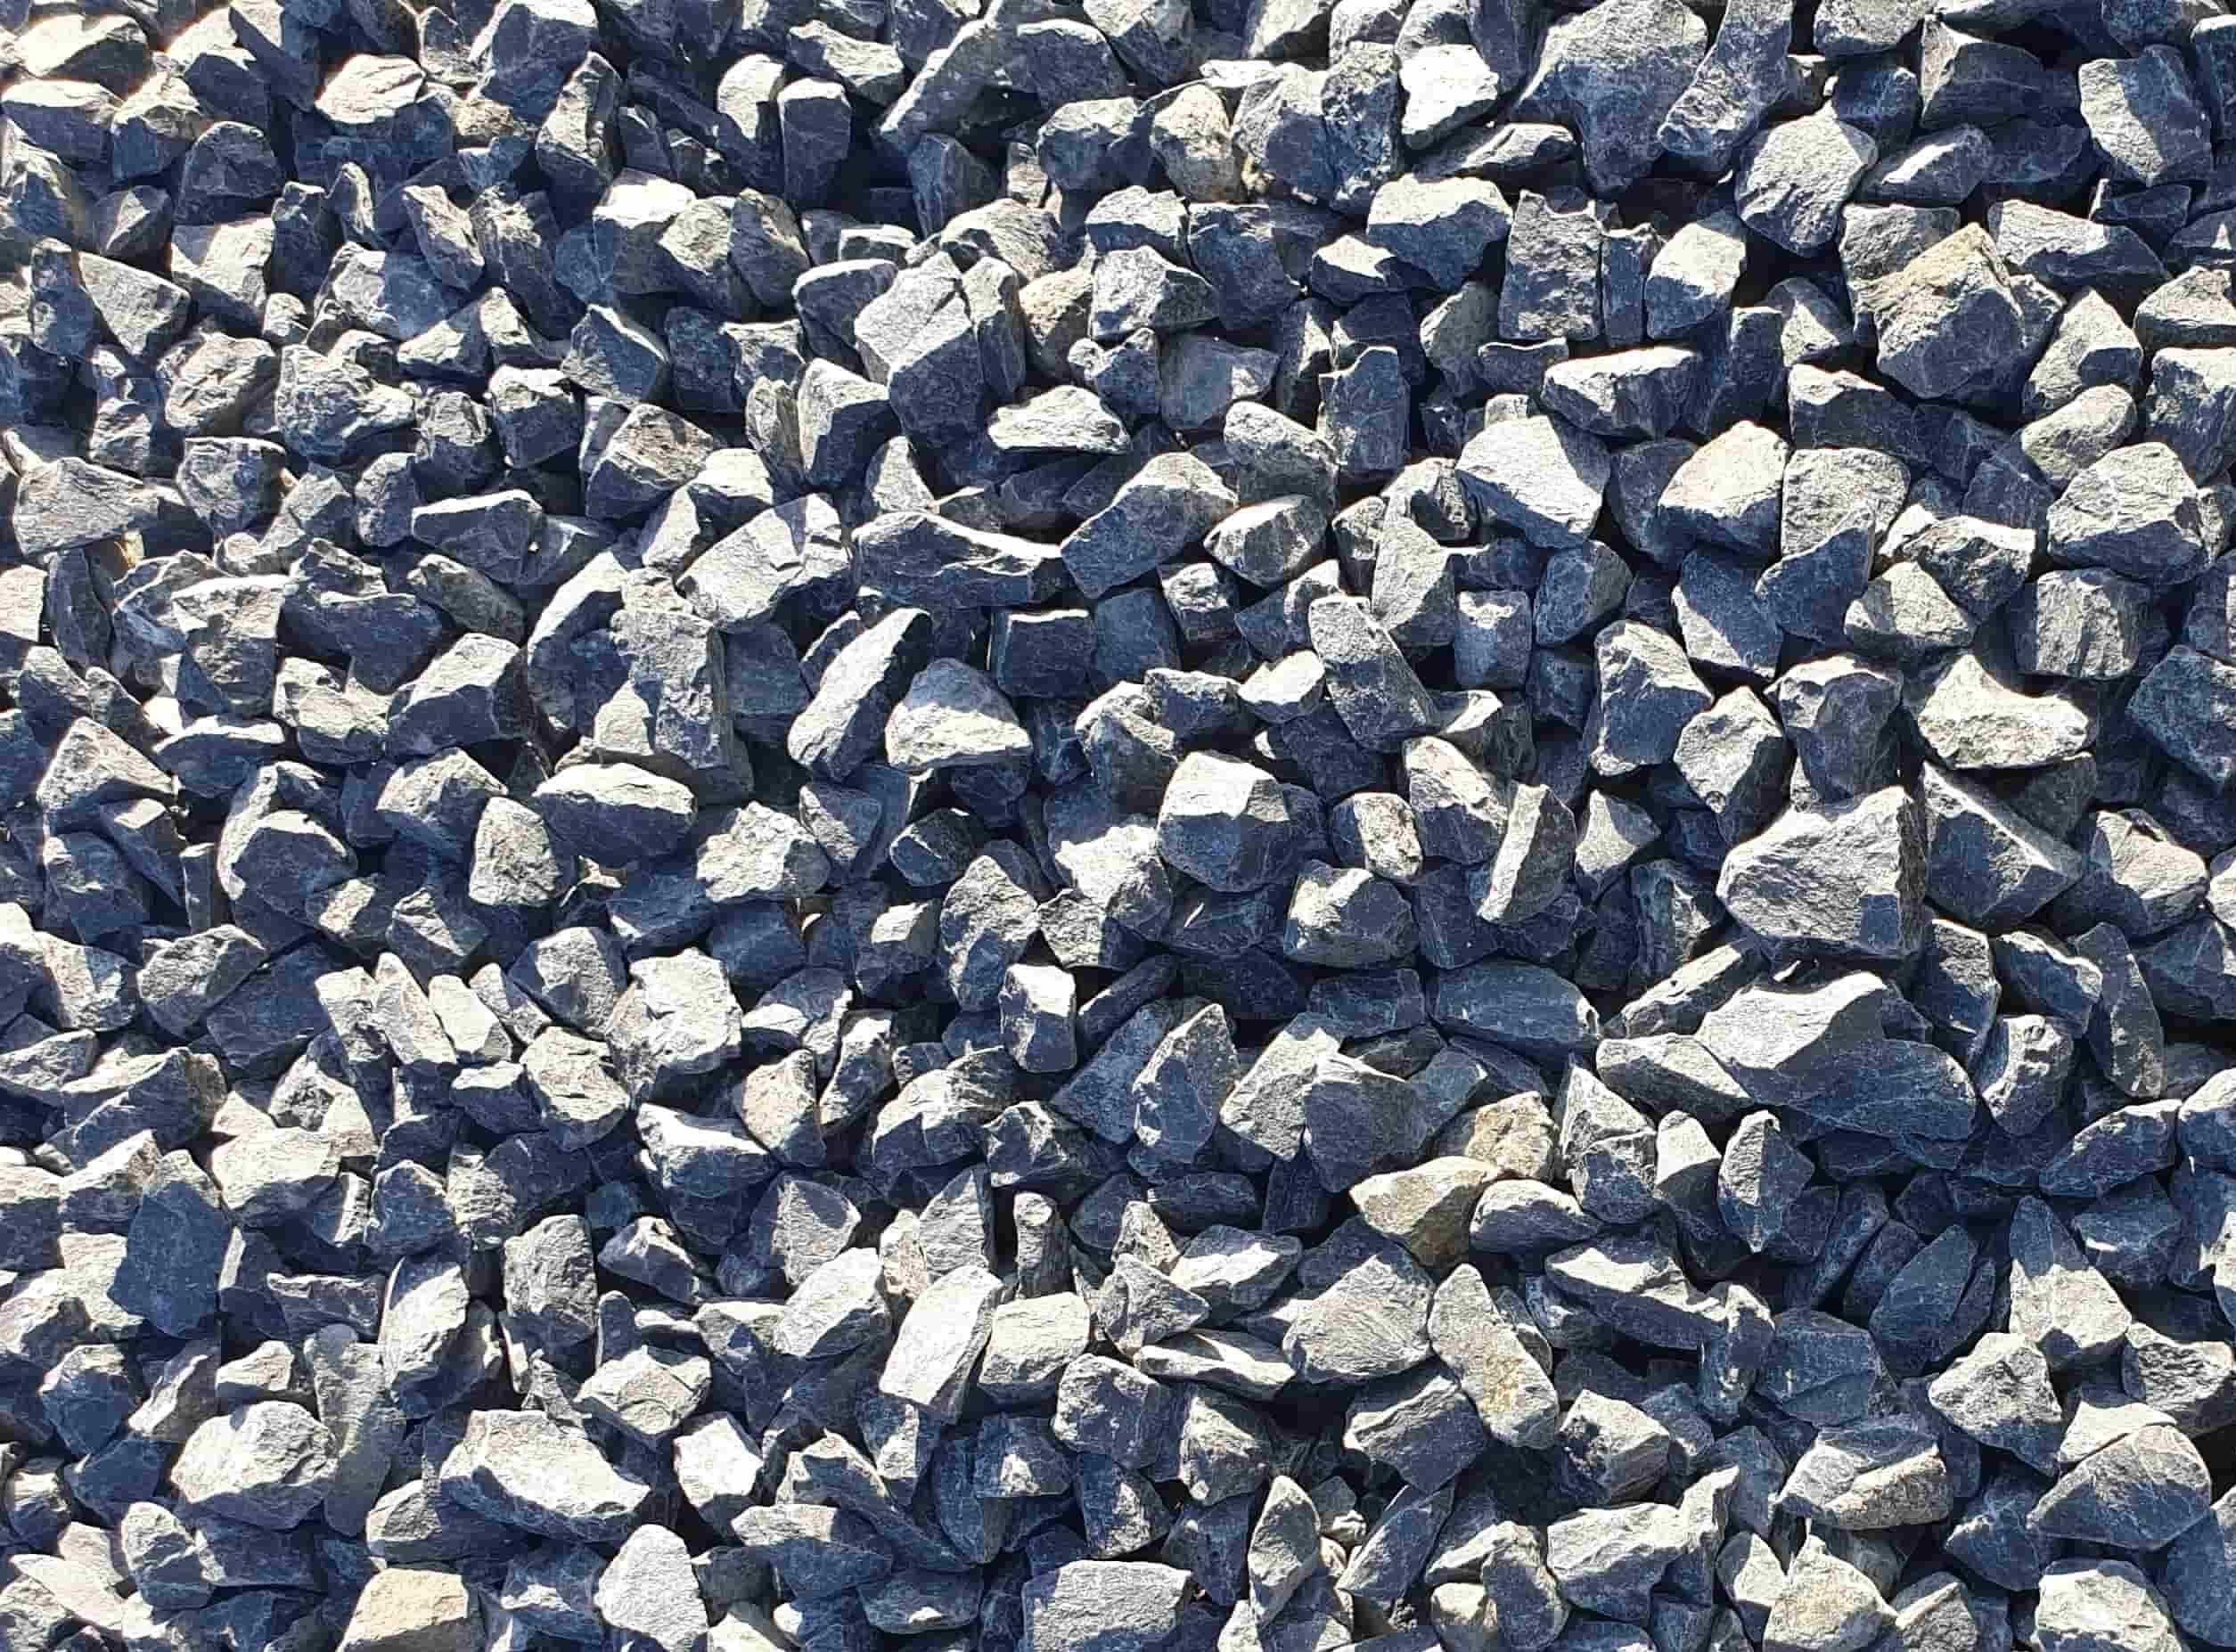 ziersplitt-basalt-20-40-mm-nah